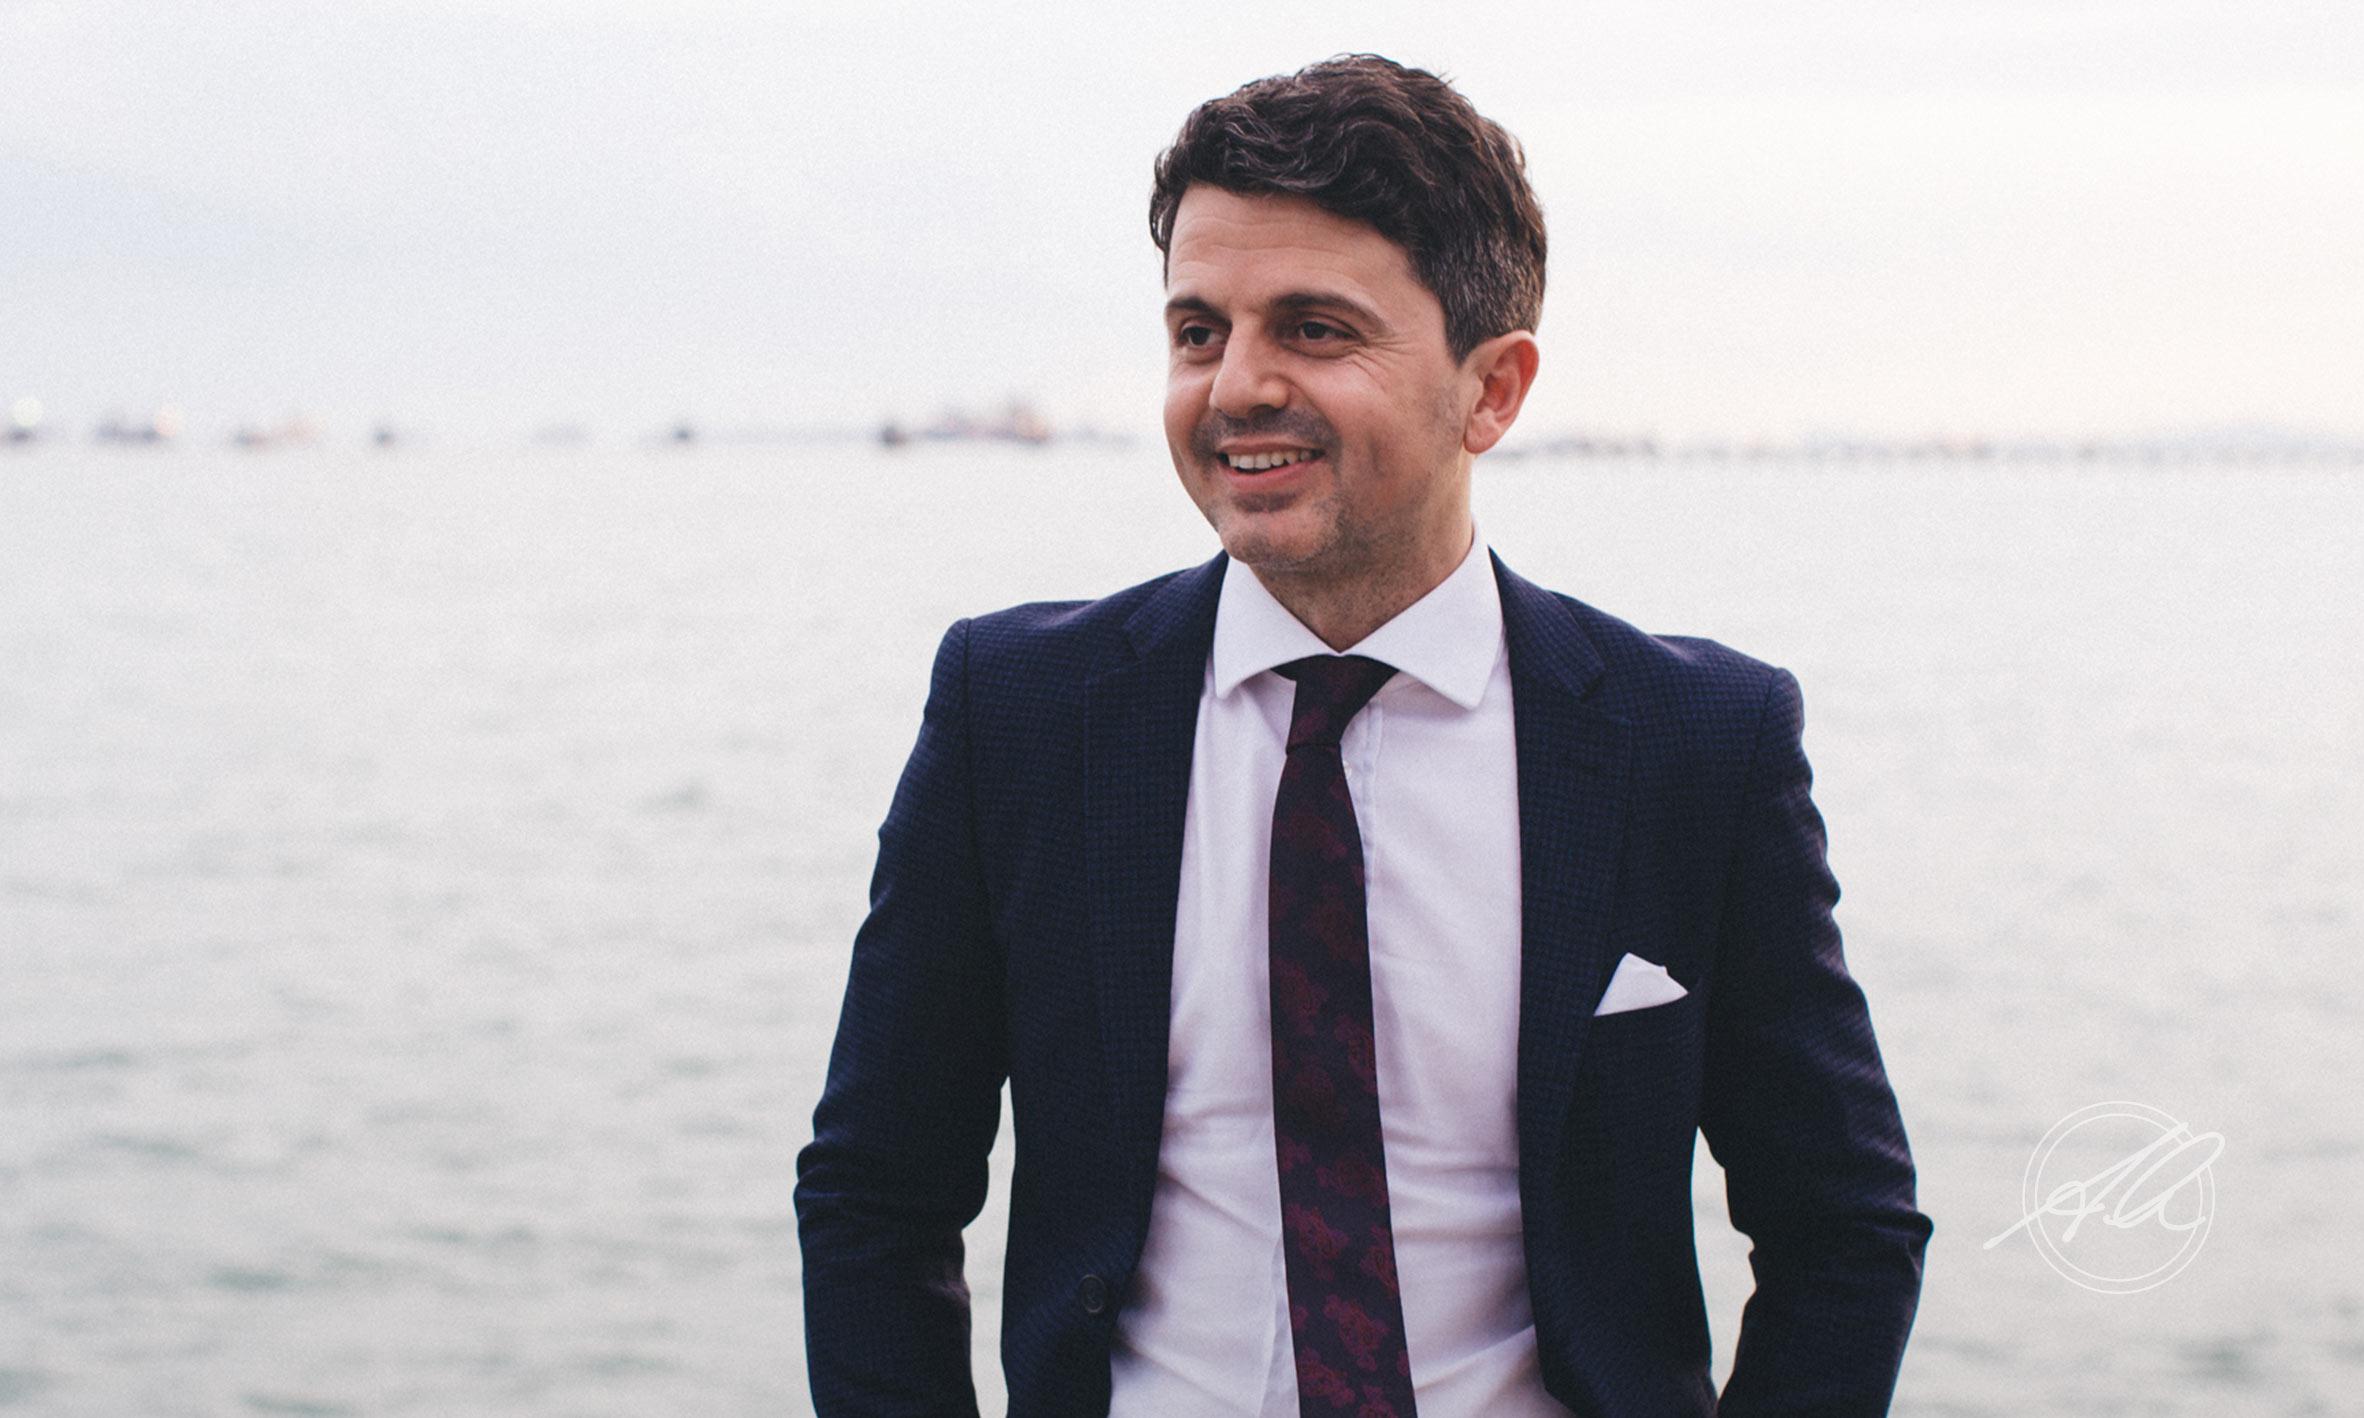 MEET - Professor Alex Quaranta